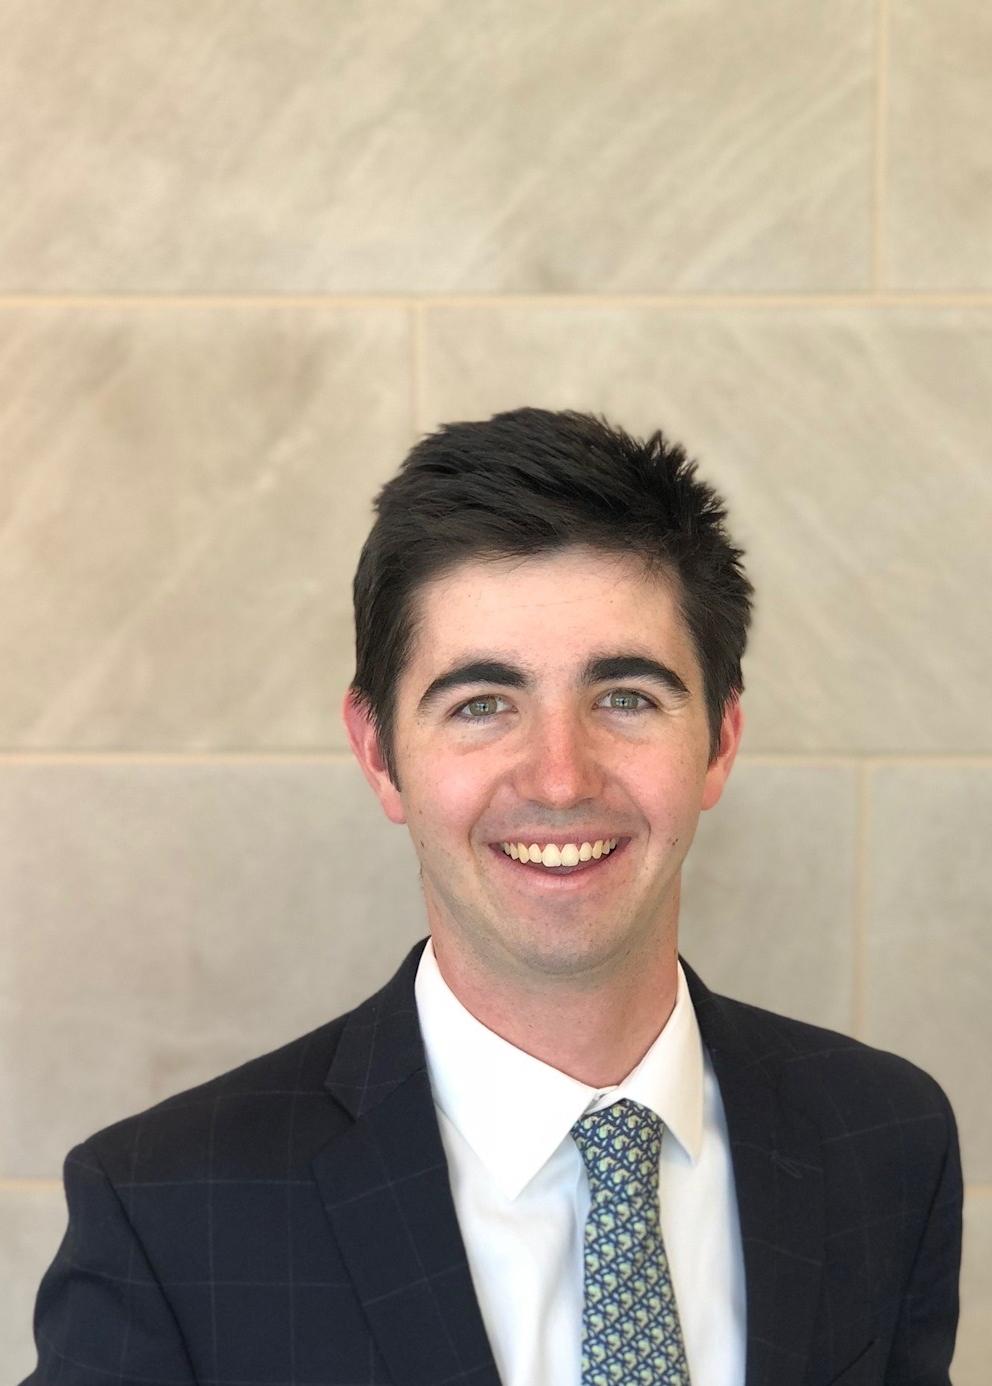 Timothy Bergin '21   Bethesda, MD   Trb98@cornell.edu